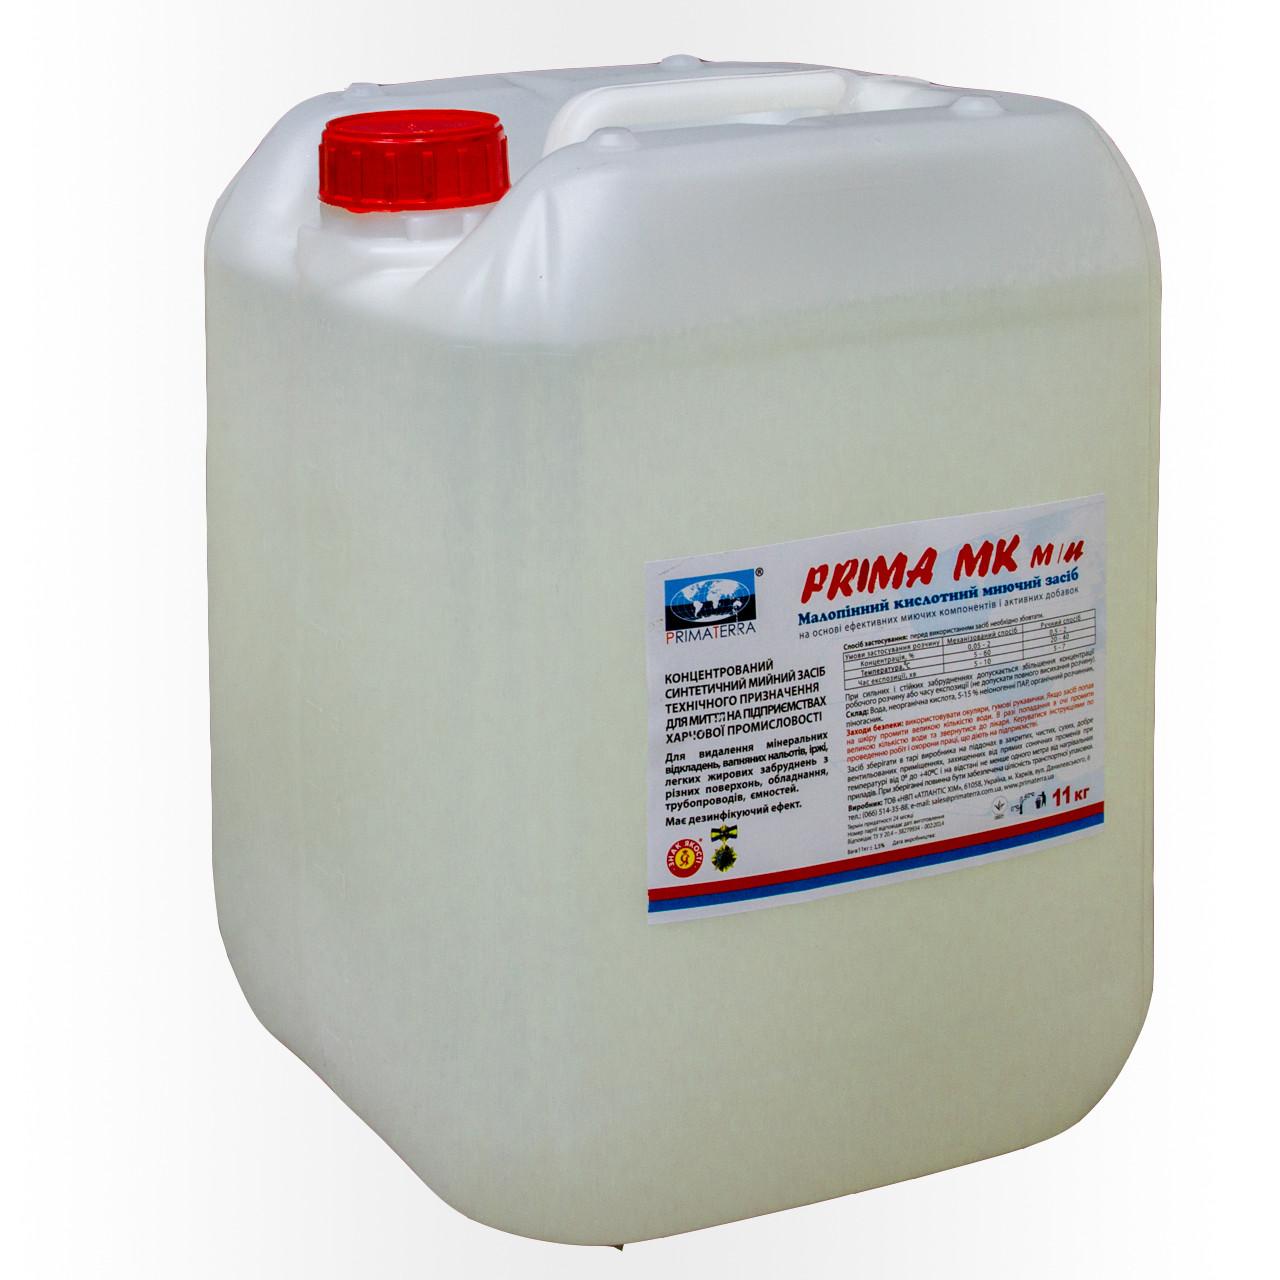 Кислотний малопінний миючий засіб, концентрат PRIMA МК м/п, 11 кг